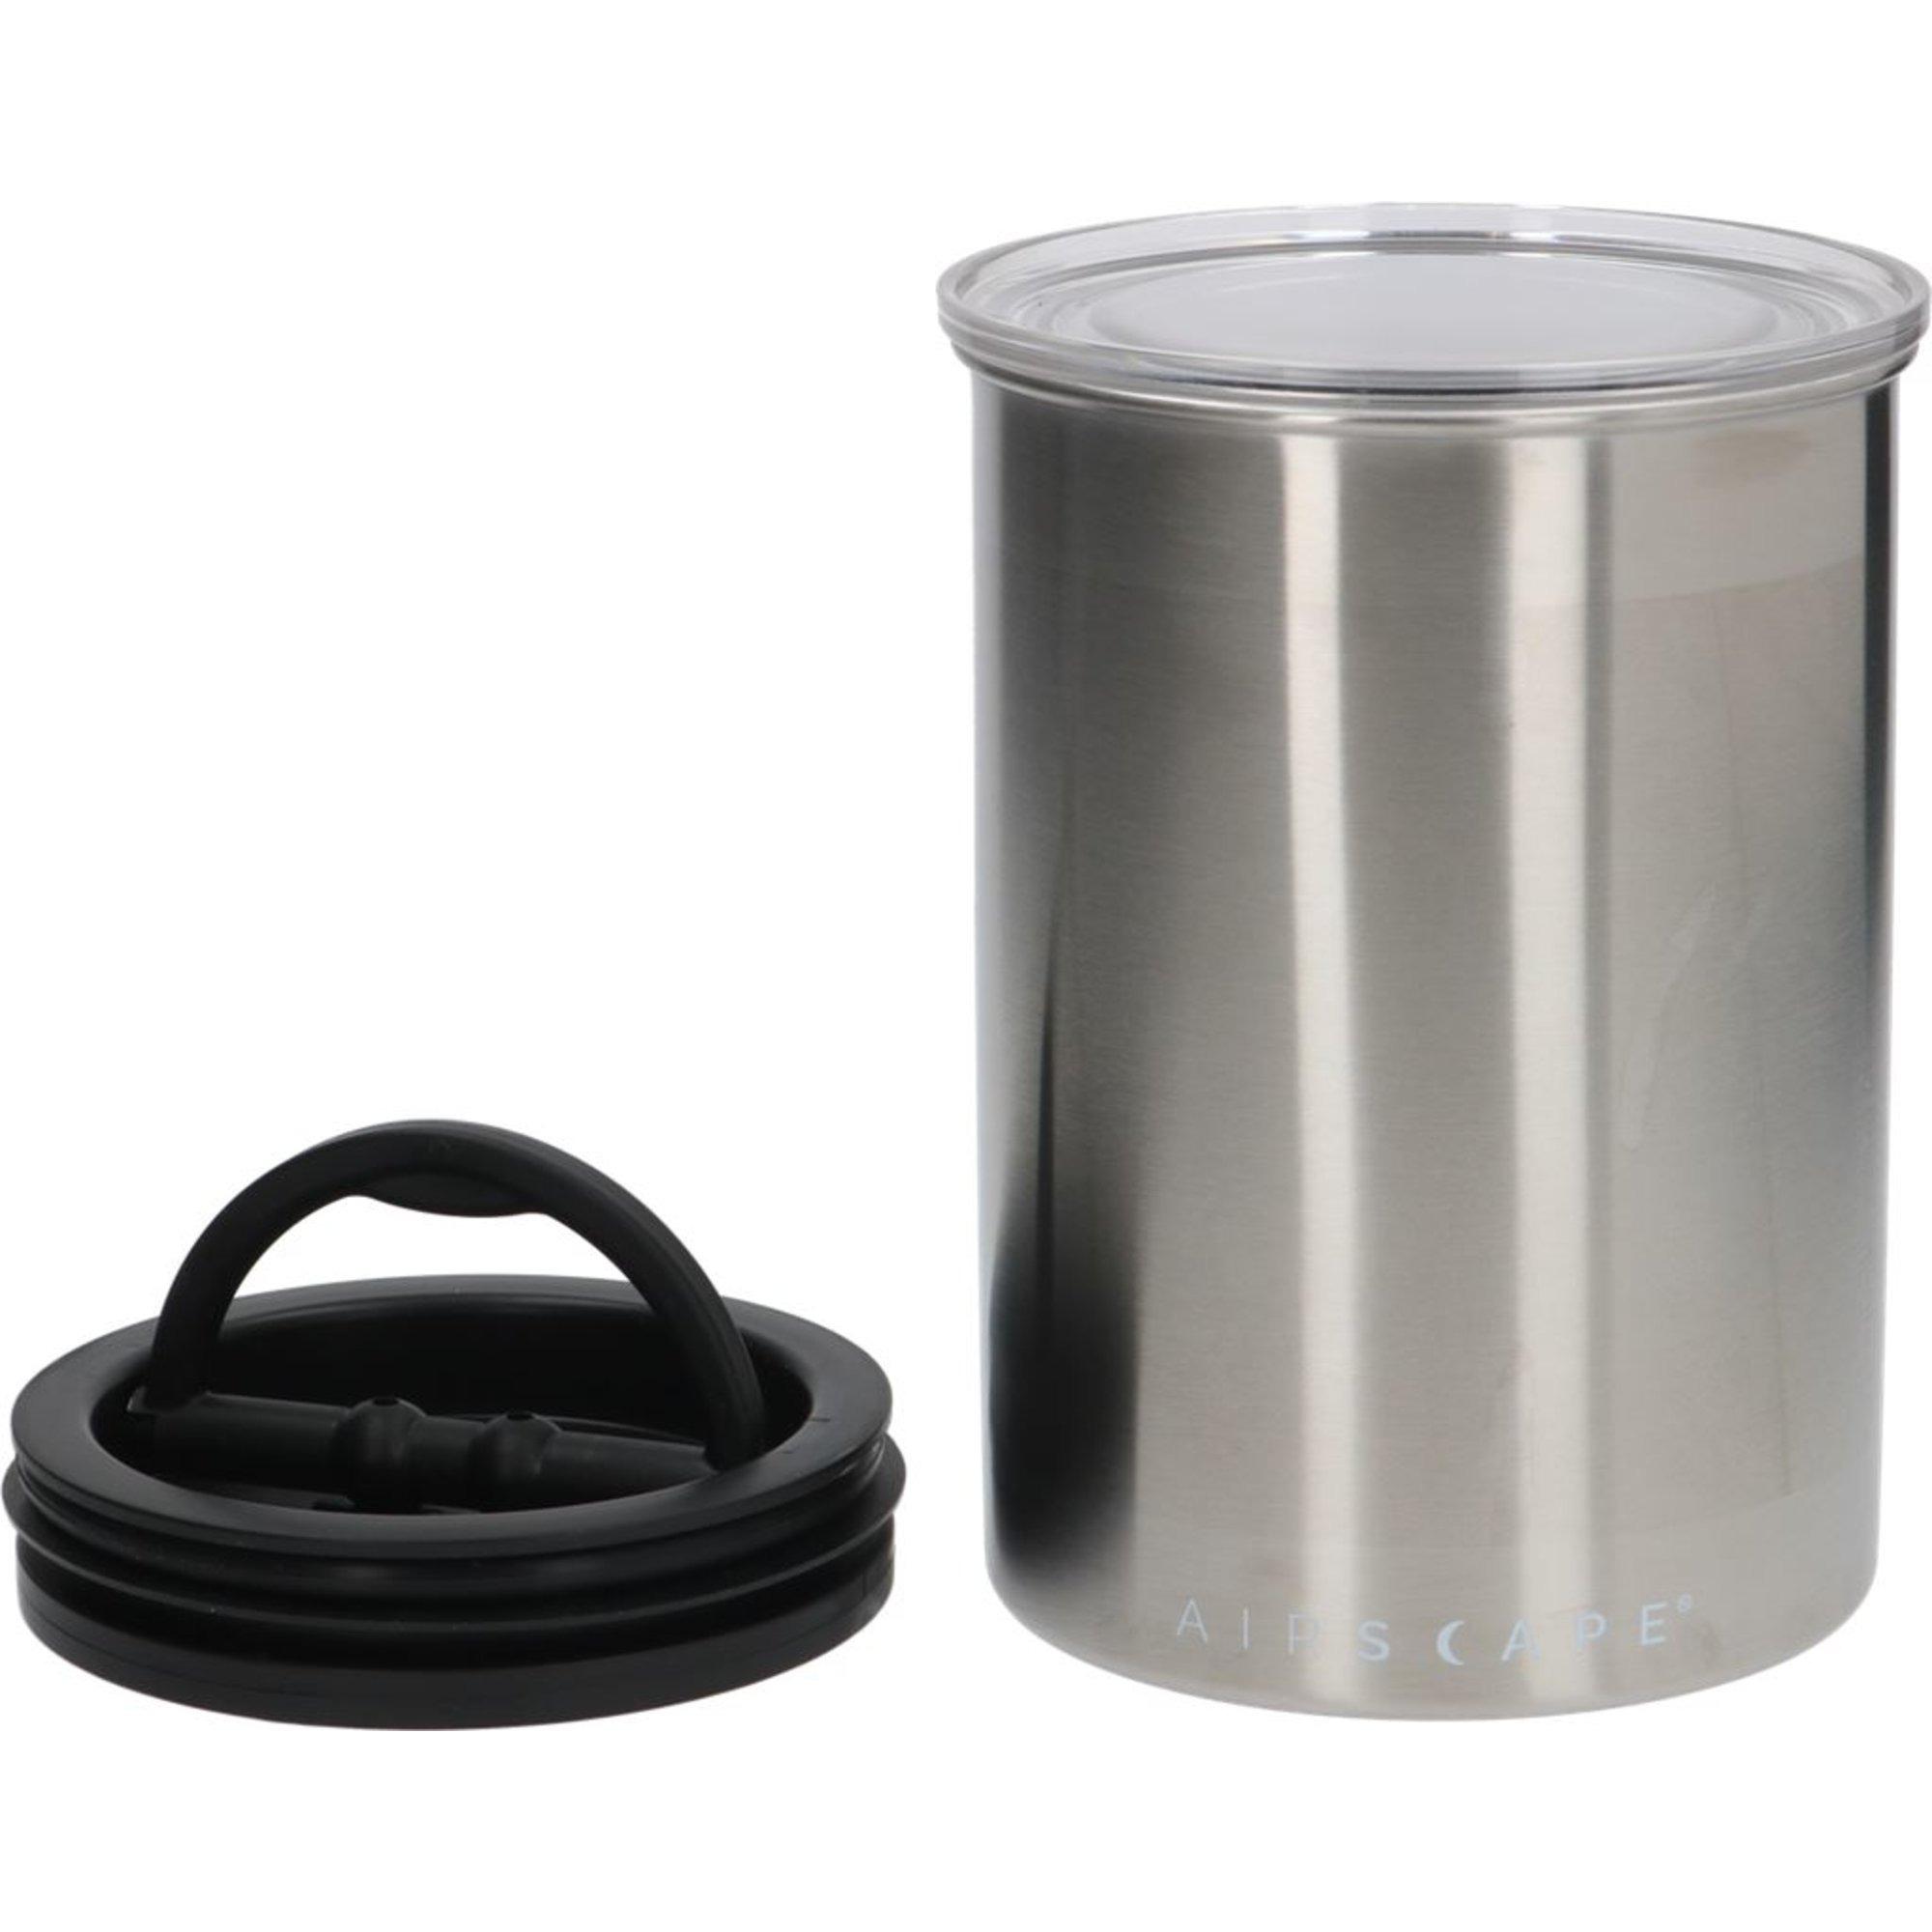 Airscape Förvaringsburk Krom 1 800 ml